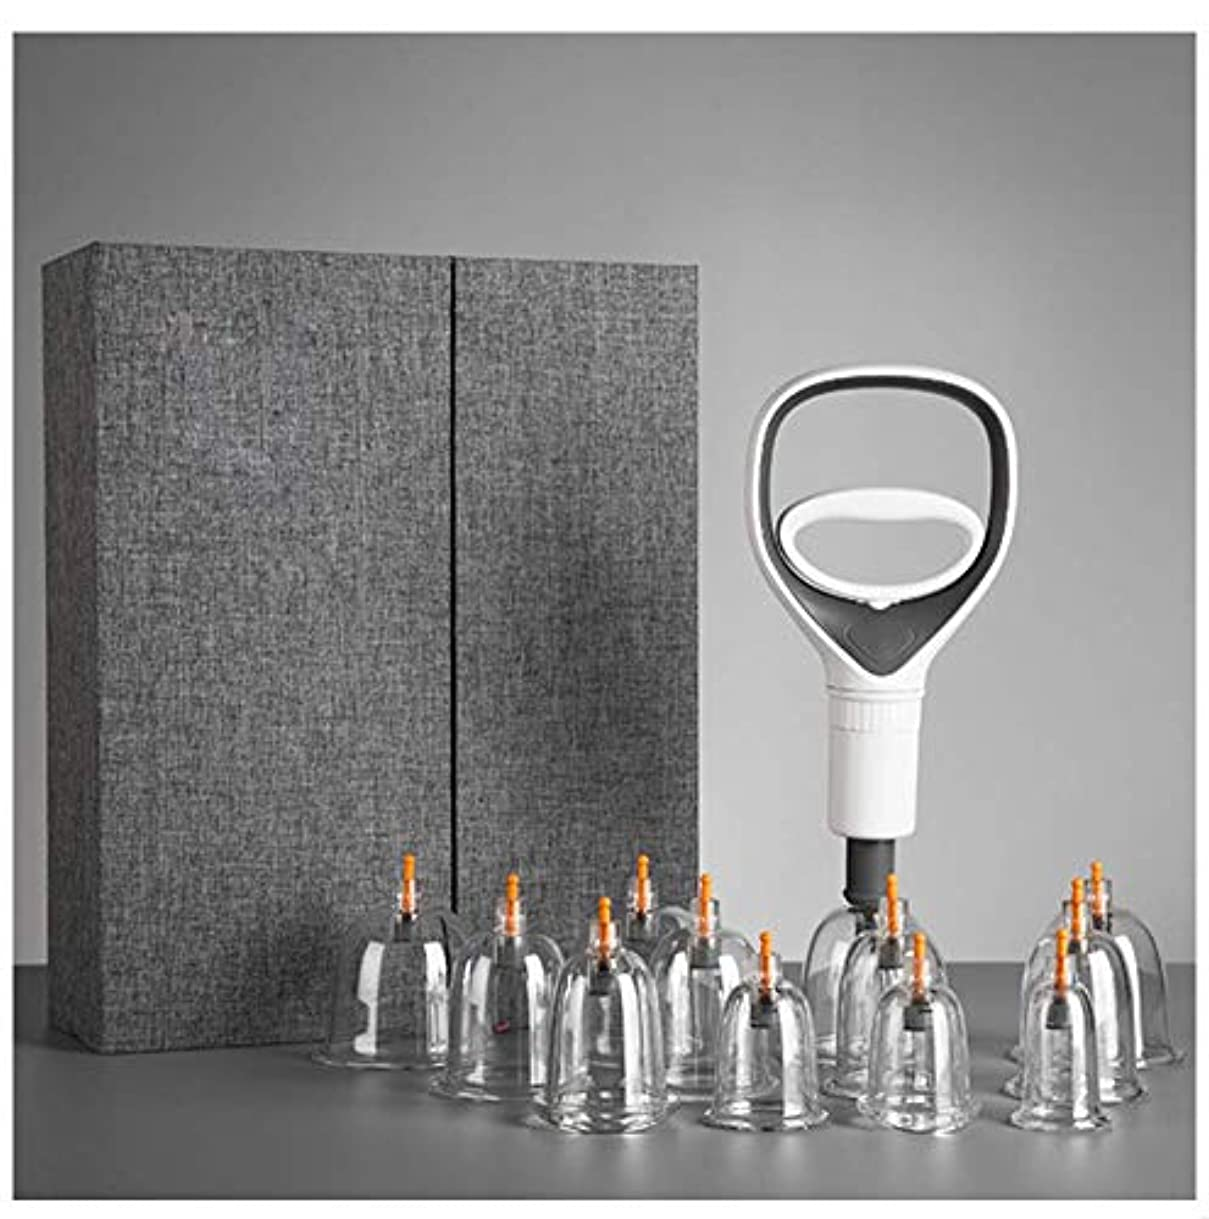 方法論債務者出席する真空カッピング、サクションカップ鍼治療キット、耐久性のある新しくデザインされたポンプハンドルと延長チューブ、マッサージカッピング療法セット